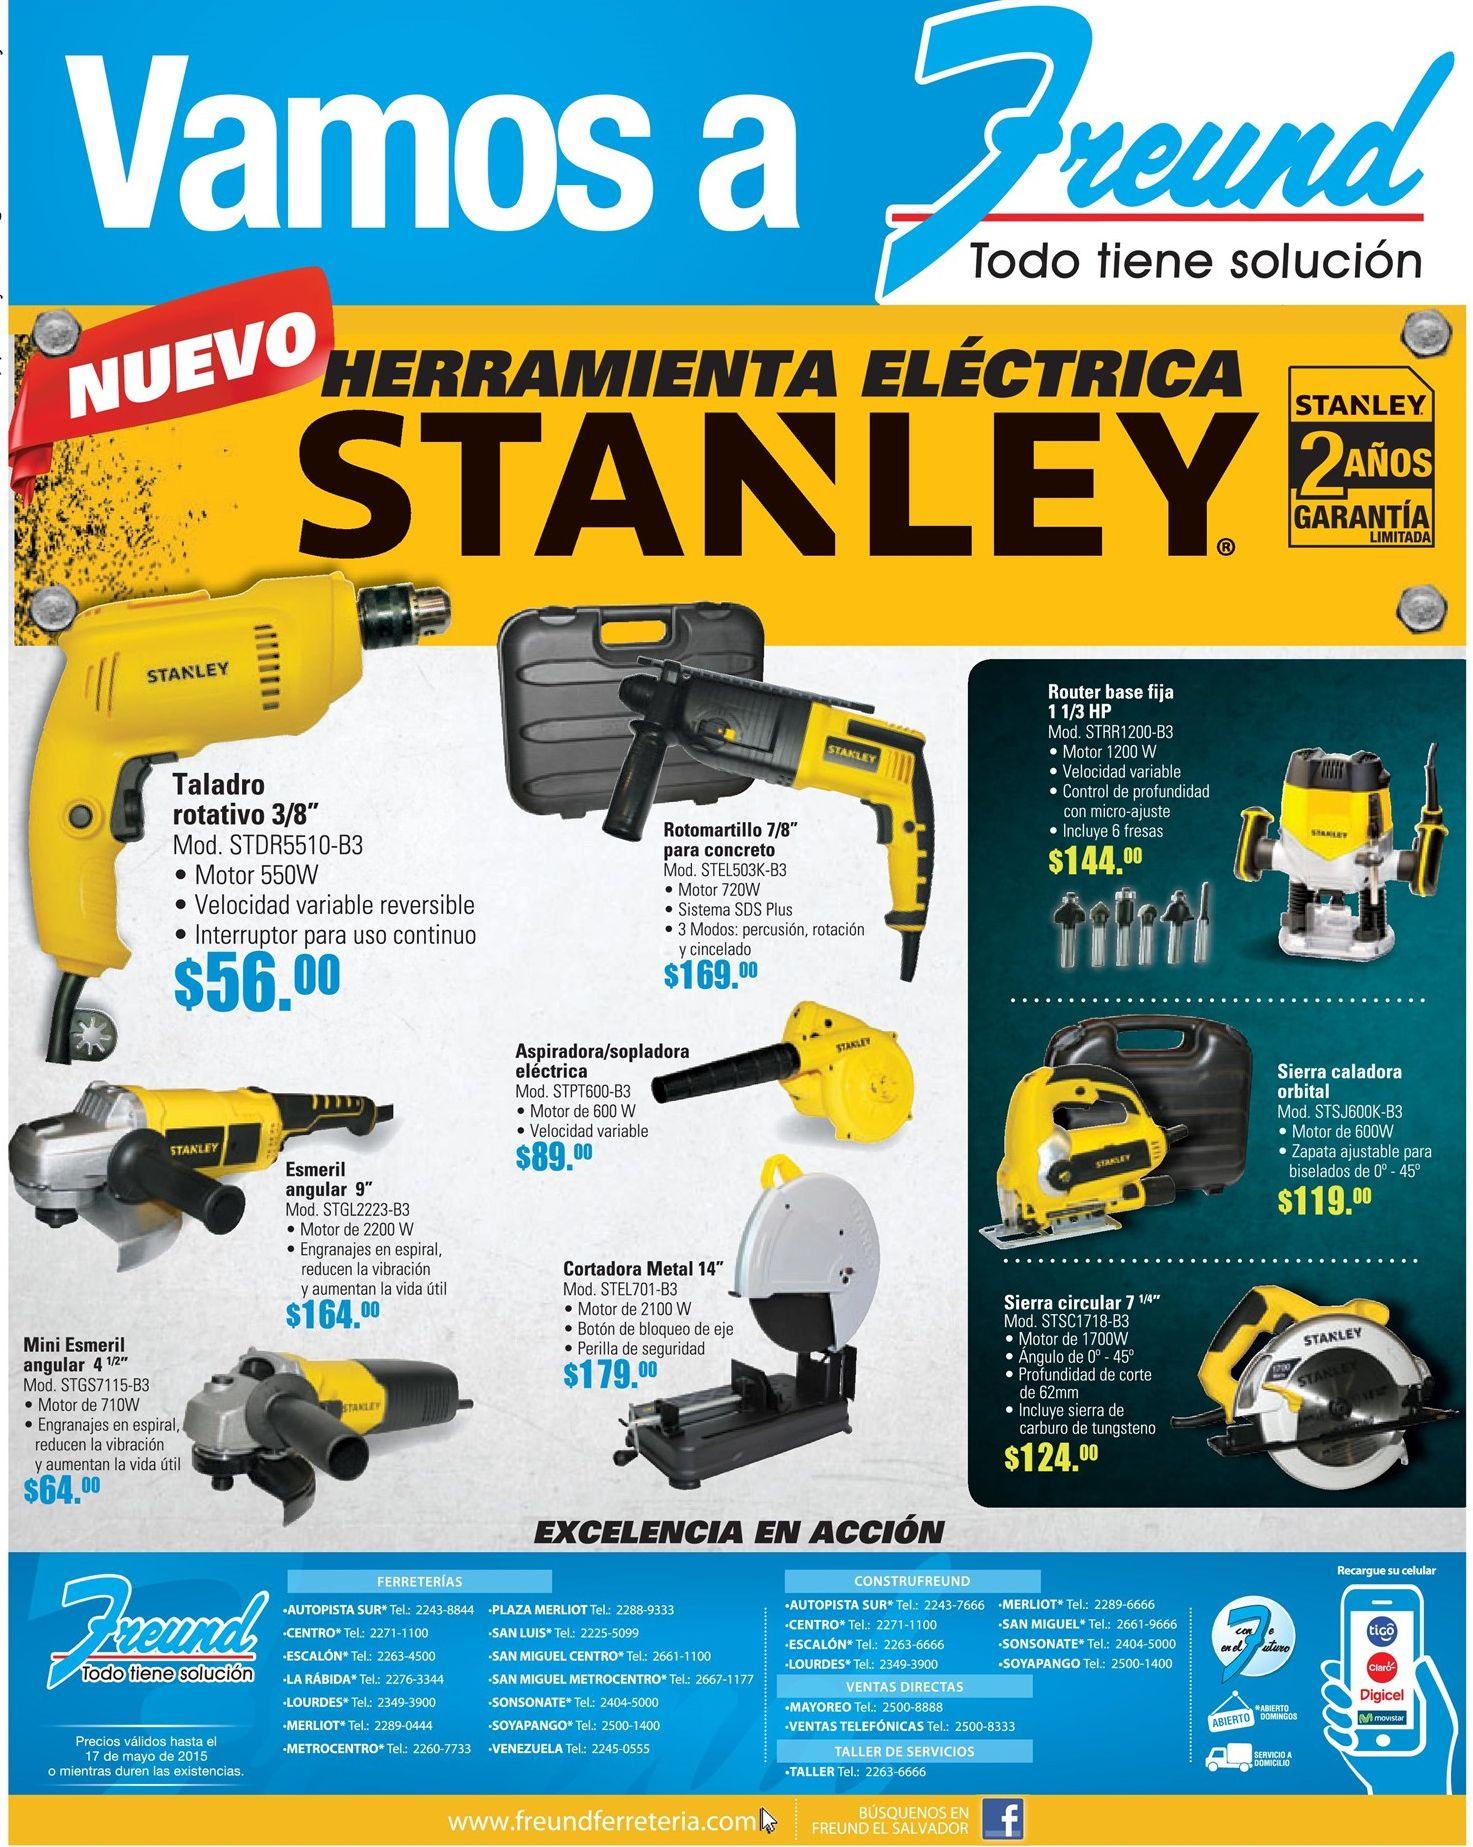 Freund ofertas y promociones en herramientas electricas - Oferta calentador electrico ...